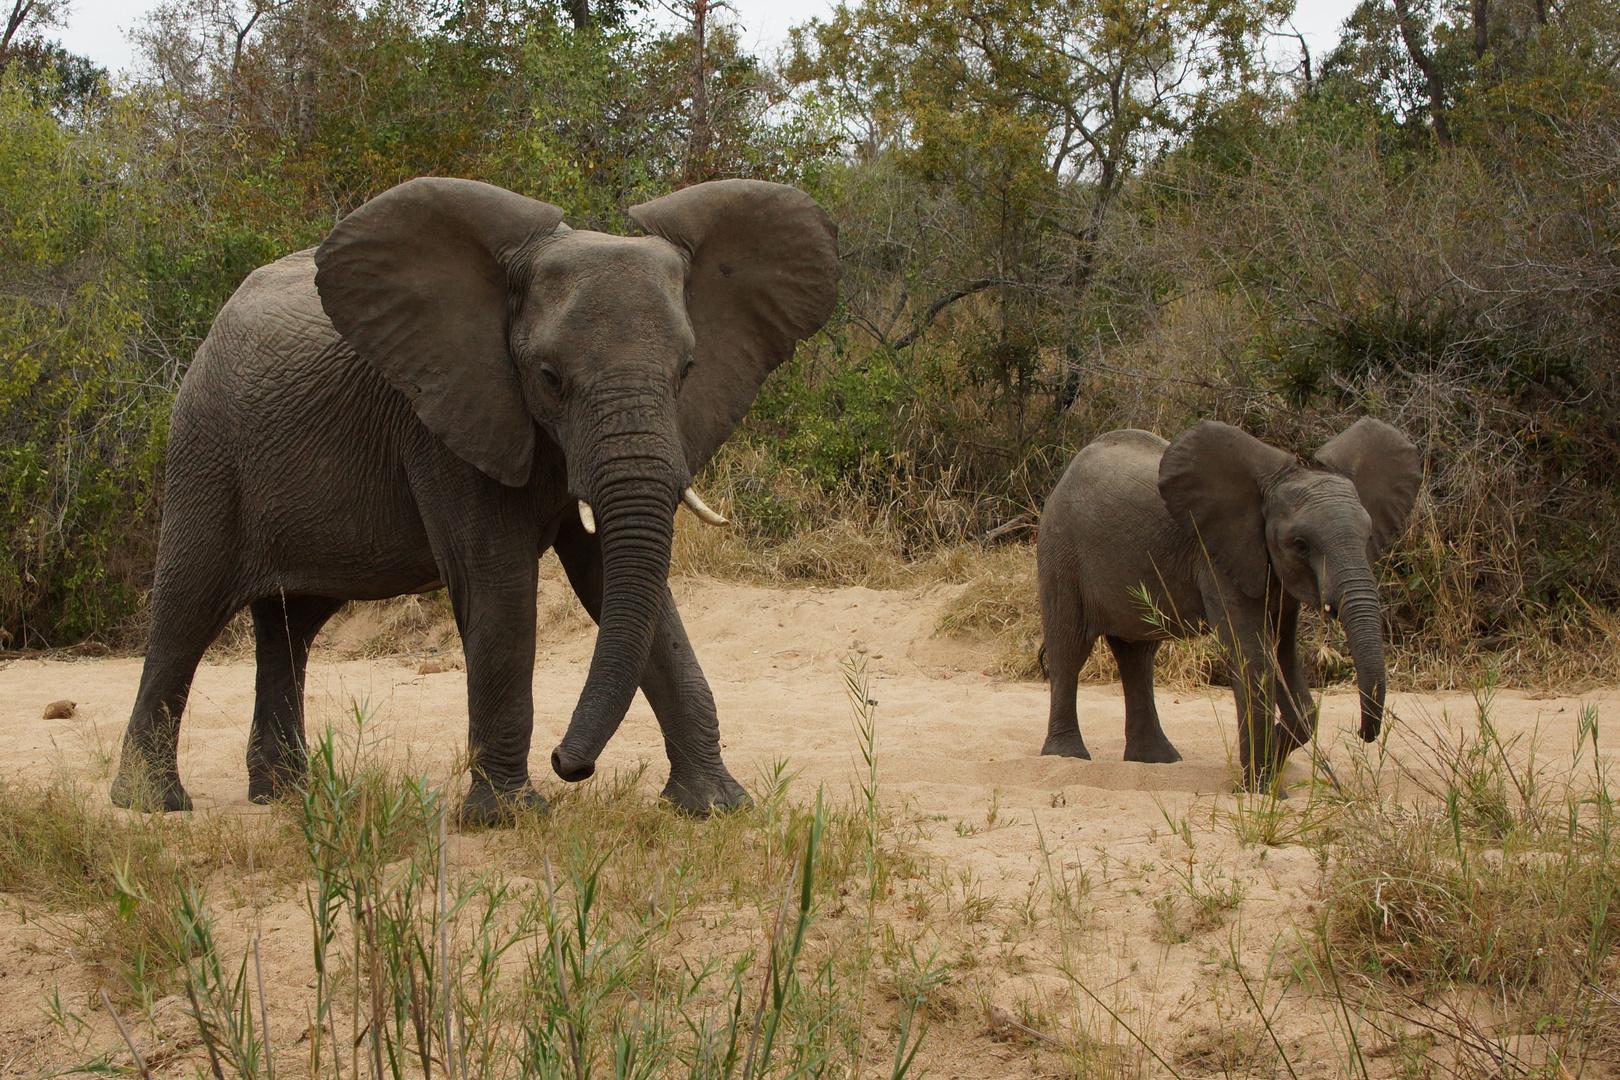 Elefanten in Abwehrstellung